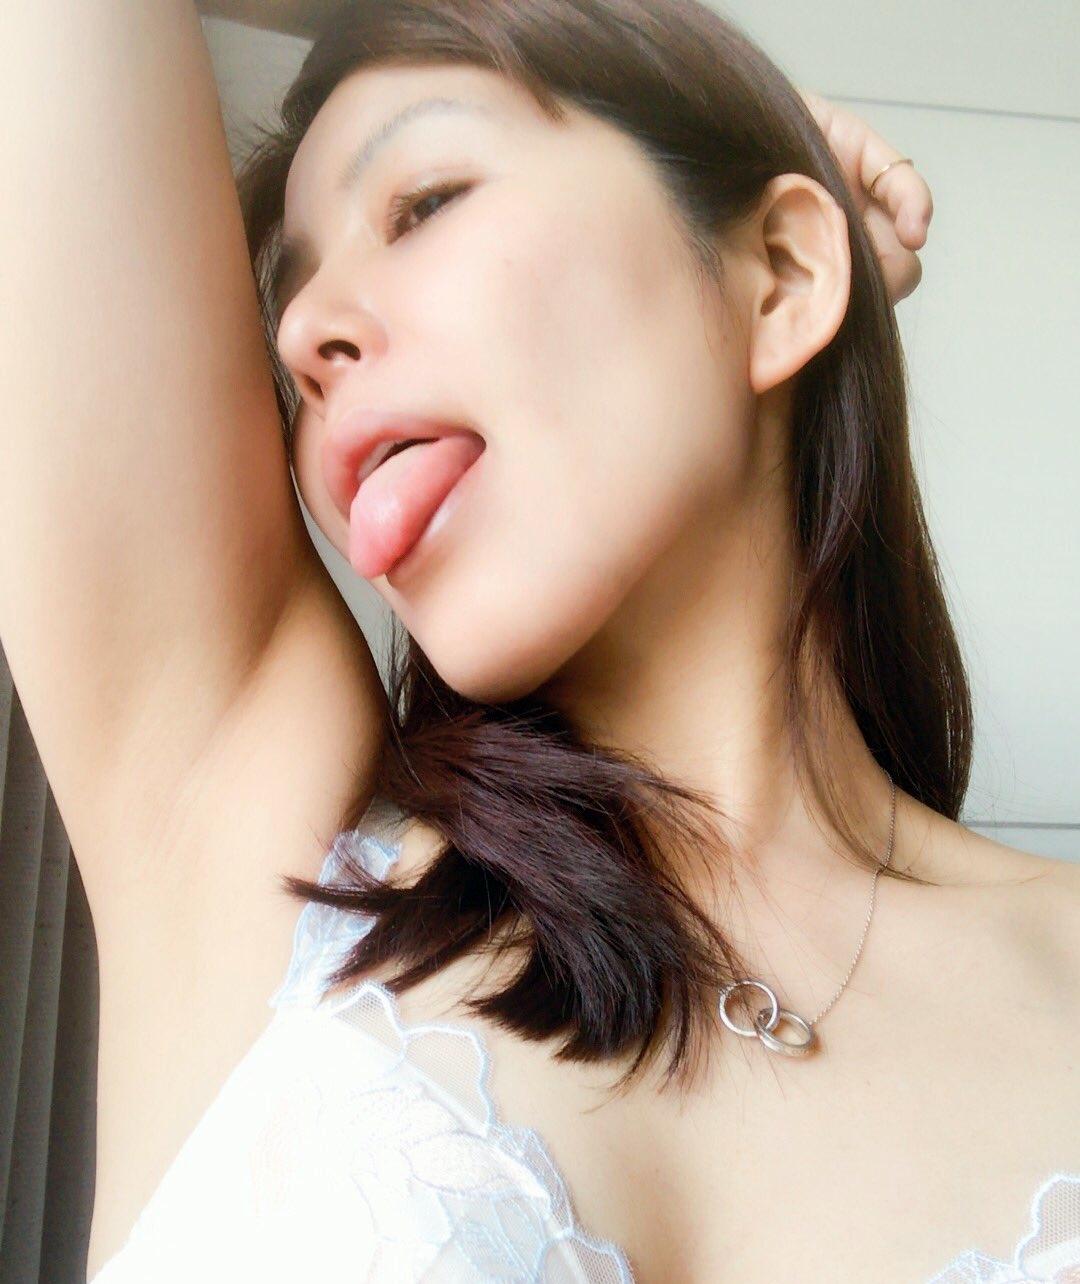 杉河沙奈(葵紫穂)の舌出し (13)